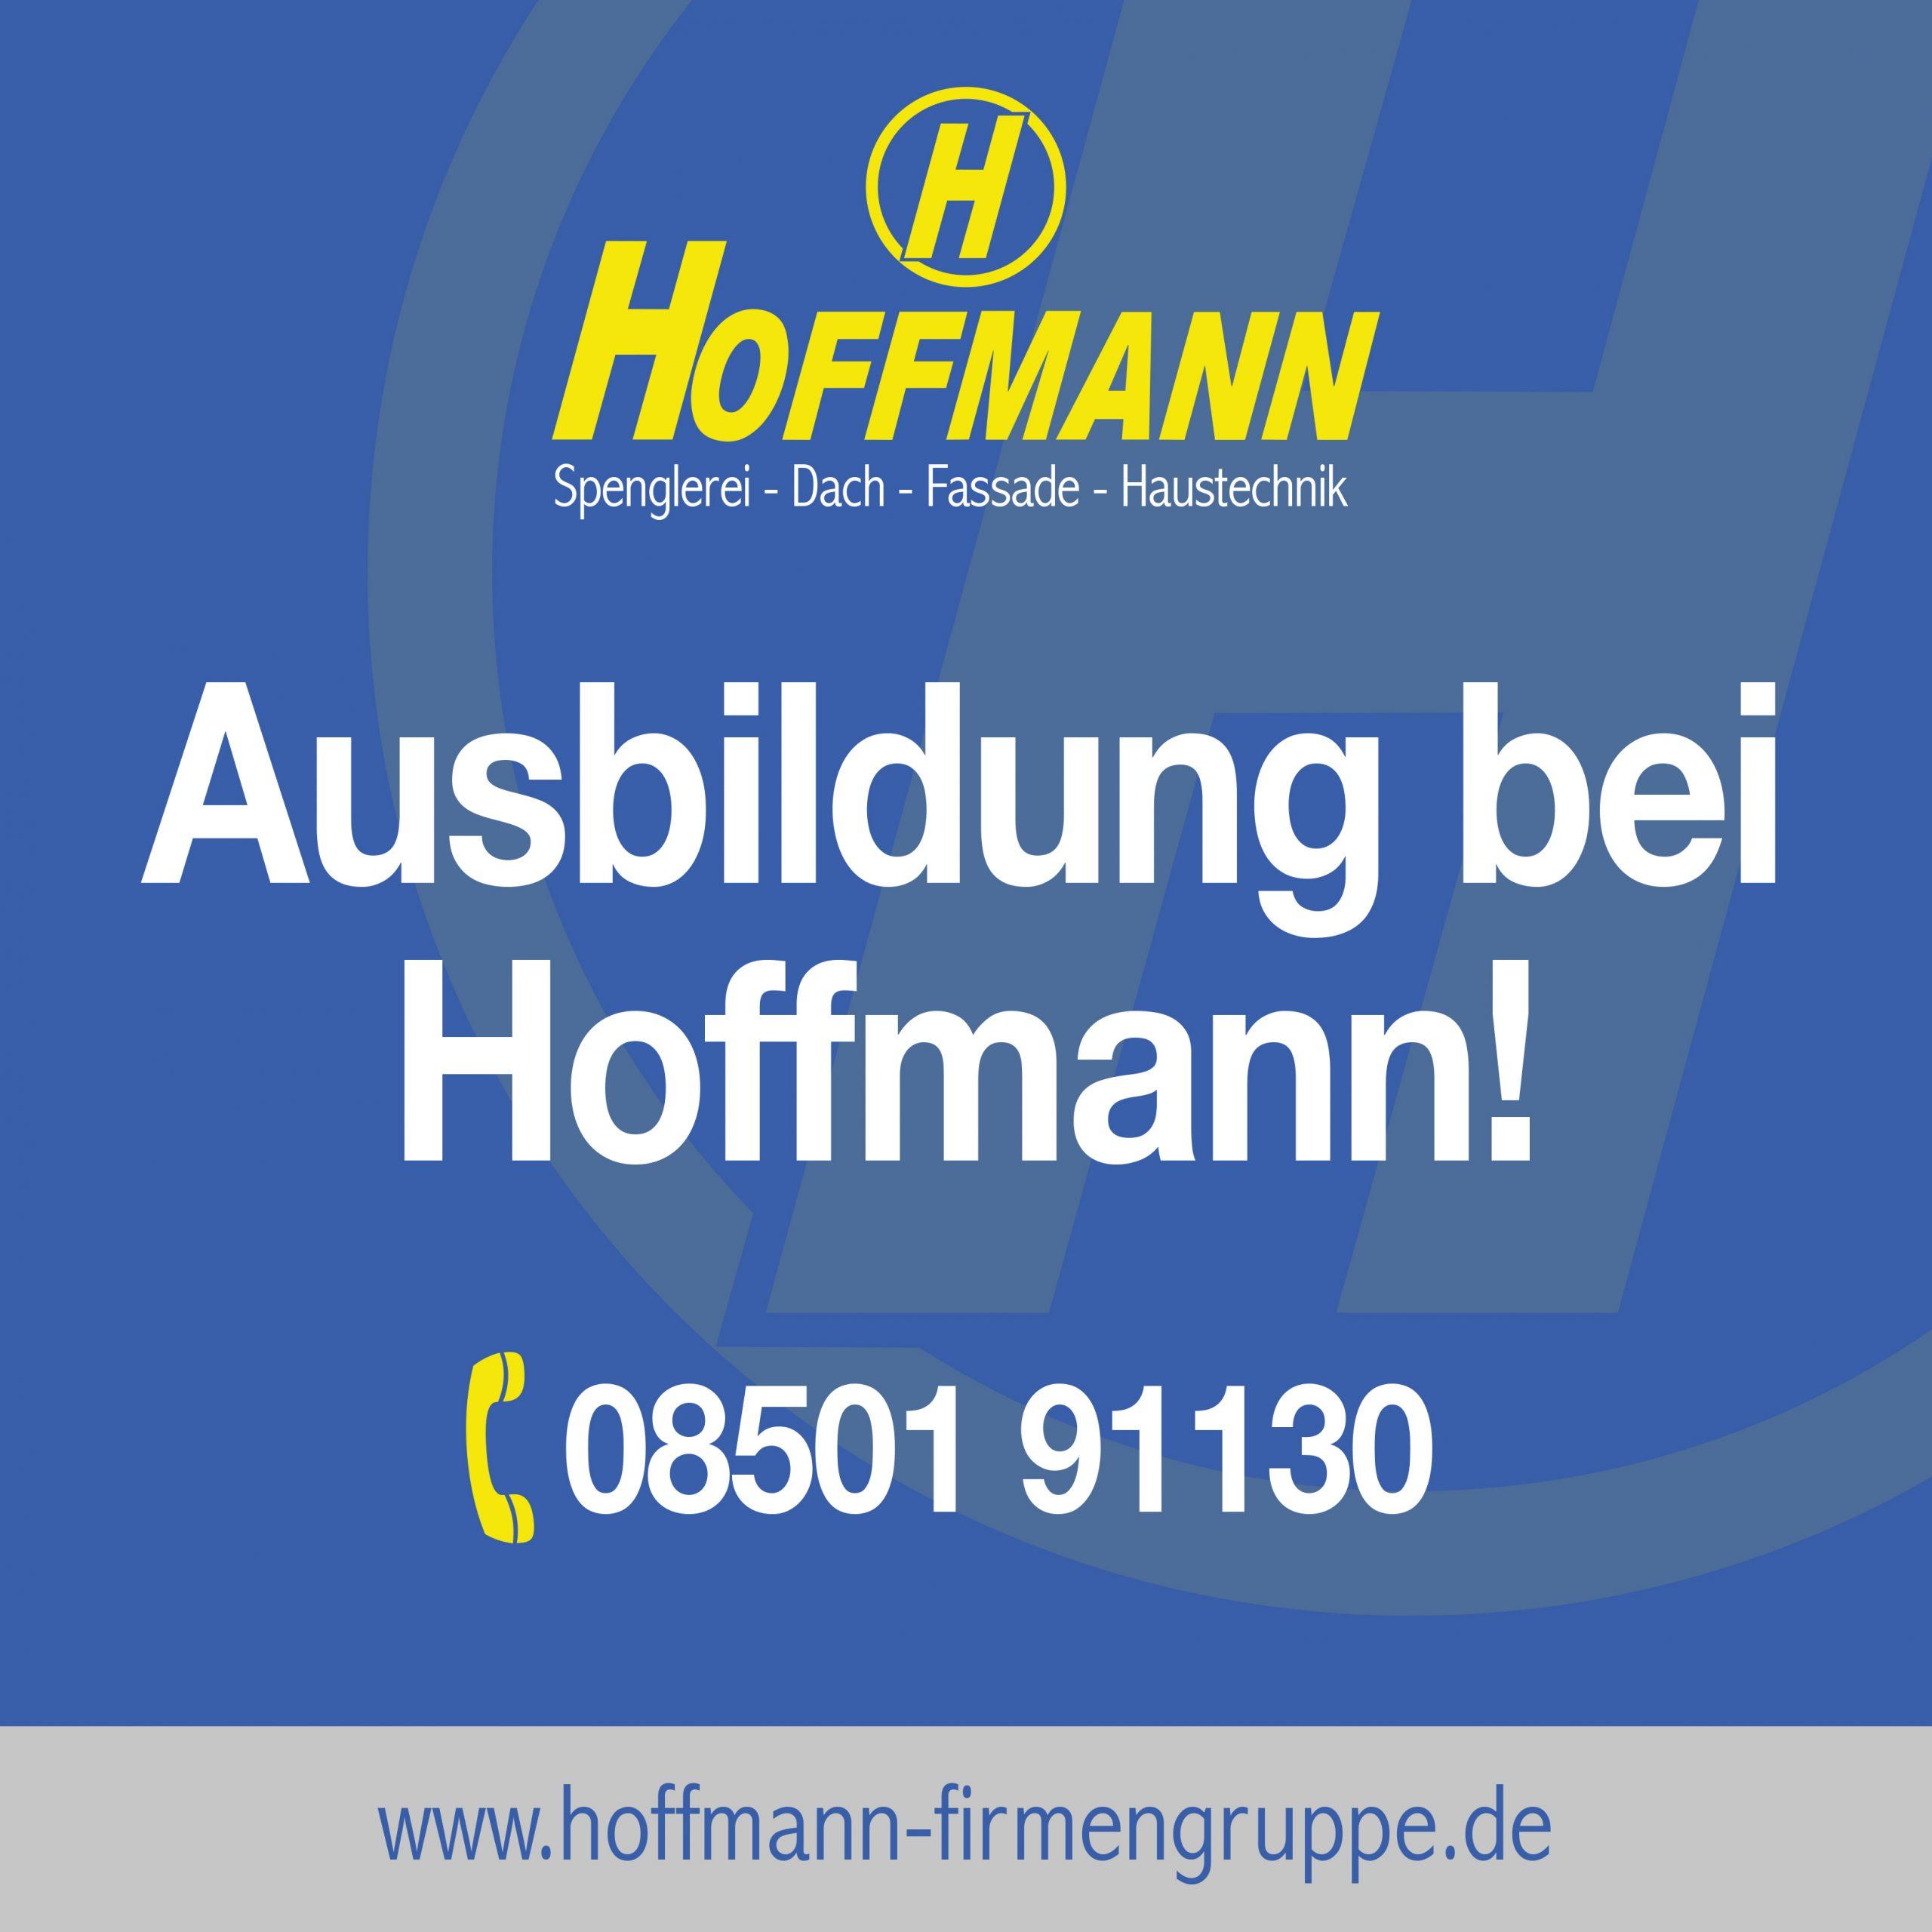 Ausbildung bei der Firmengruppe Hoffmann: Spengler m/w/d, Anlagenmechaniker m/w/d, Bürokauffrau m/w/d